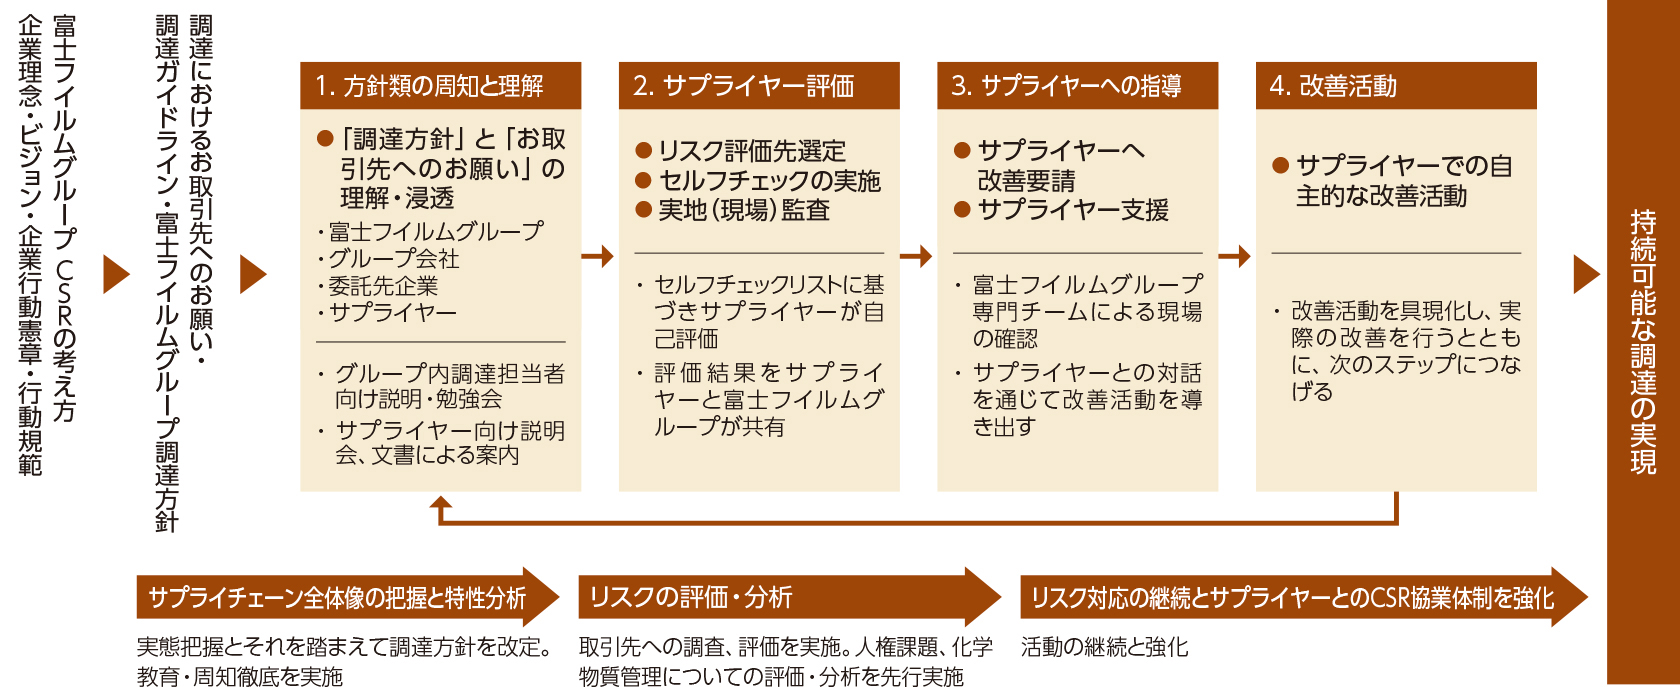 [図]富士フイルムグループのCSR調達推進プログラム